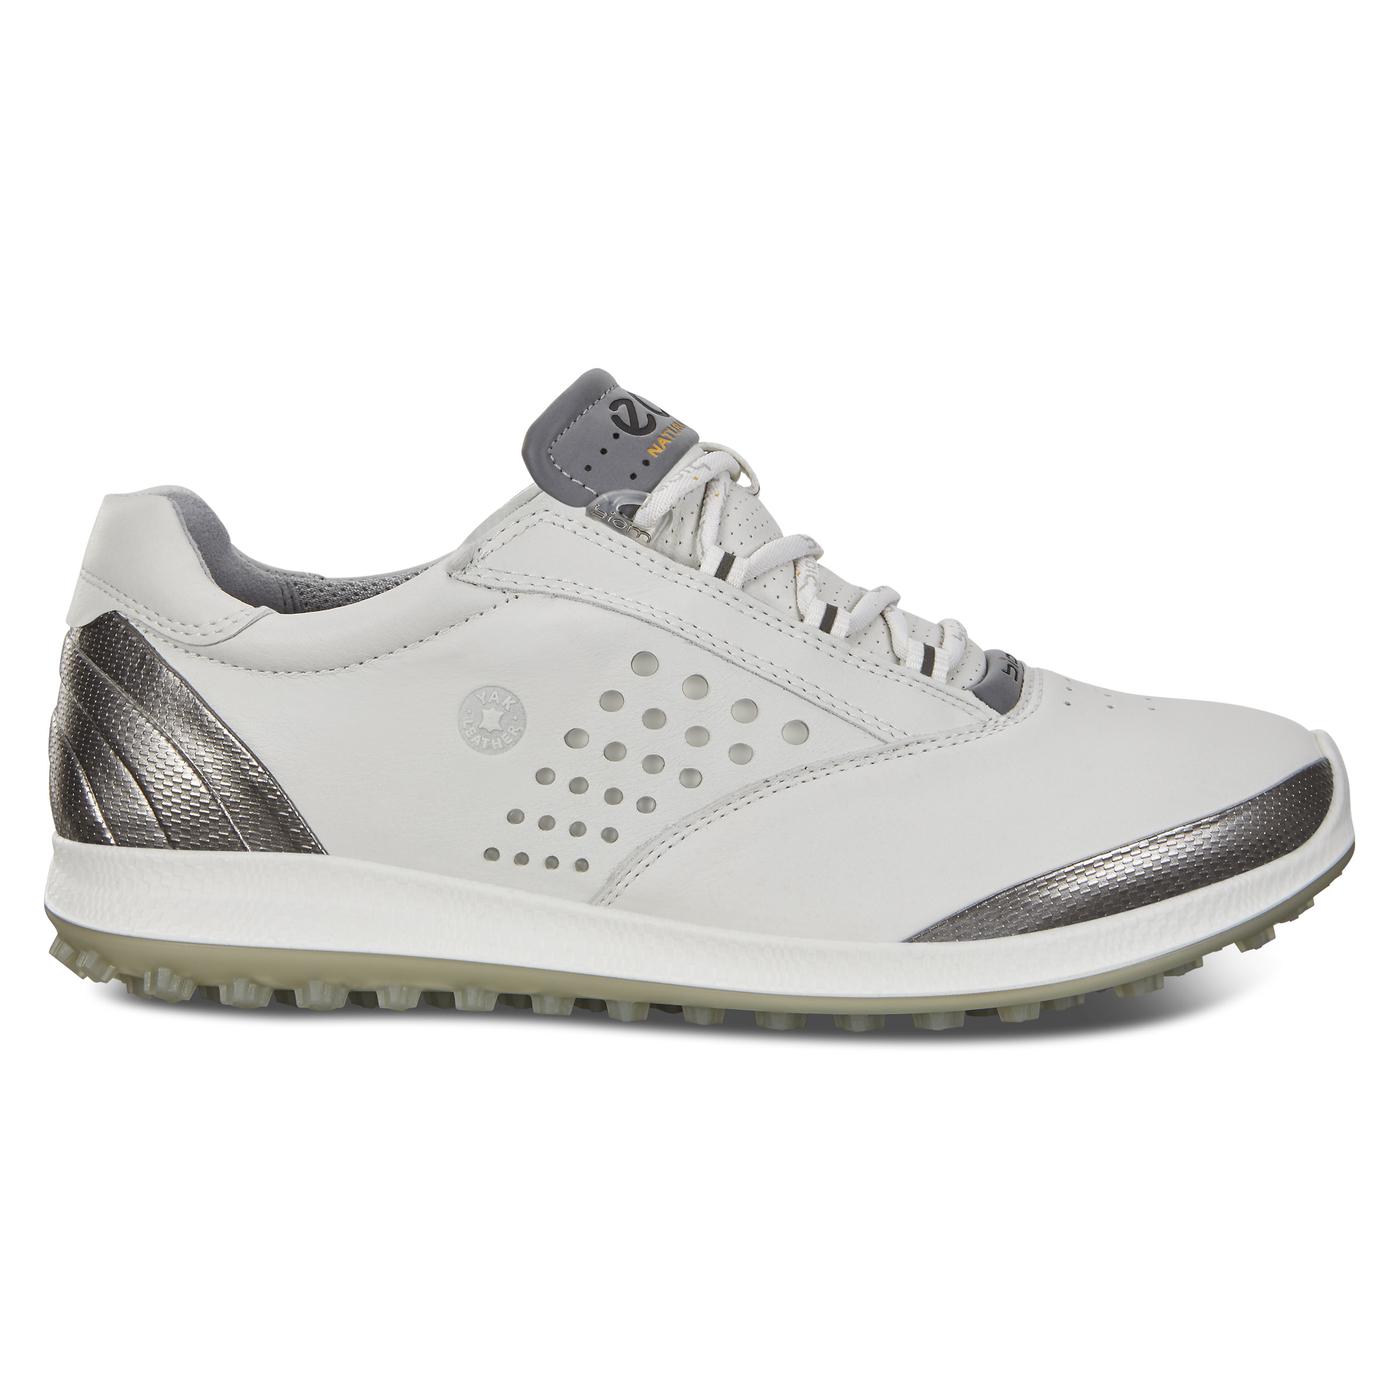 ECCO W GOLF BIOM HYBRID 2 Shoe